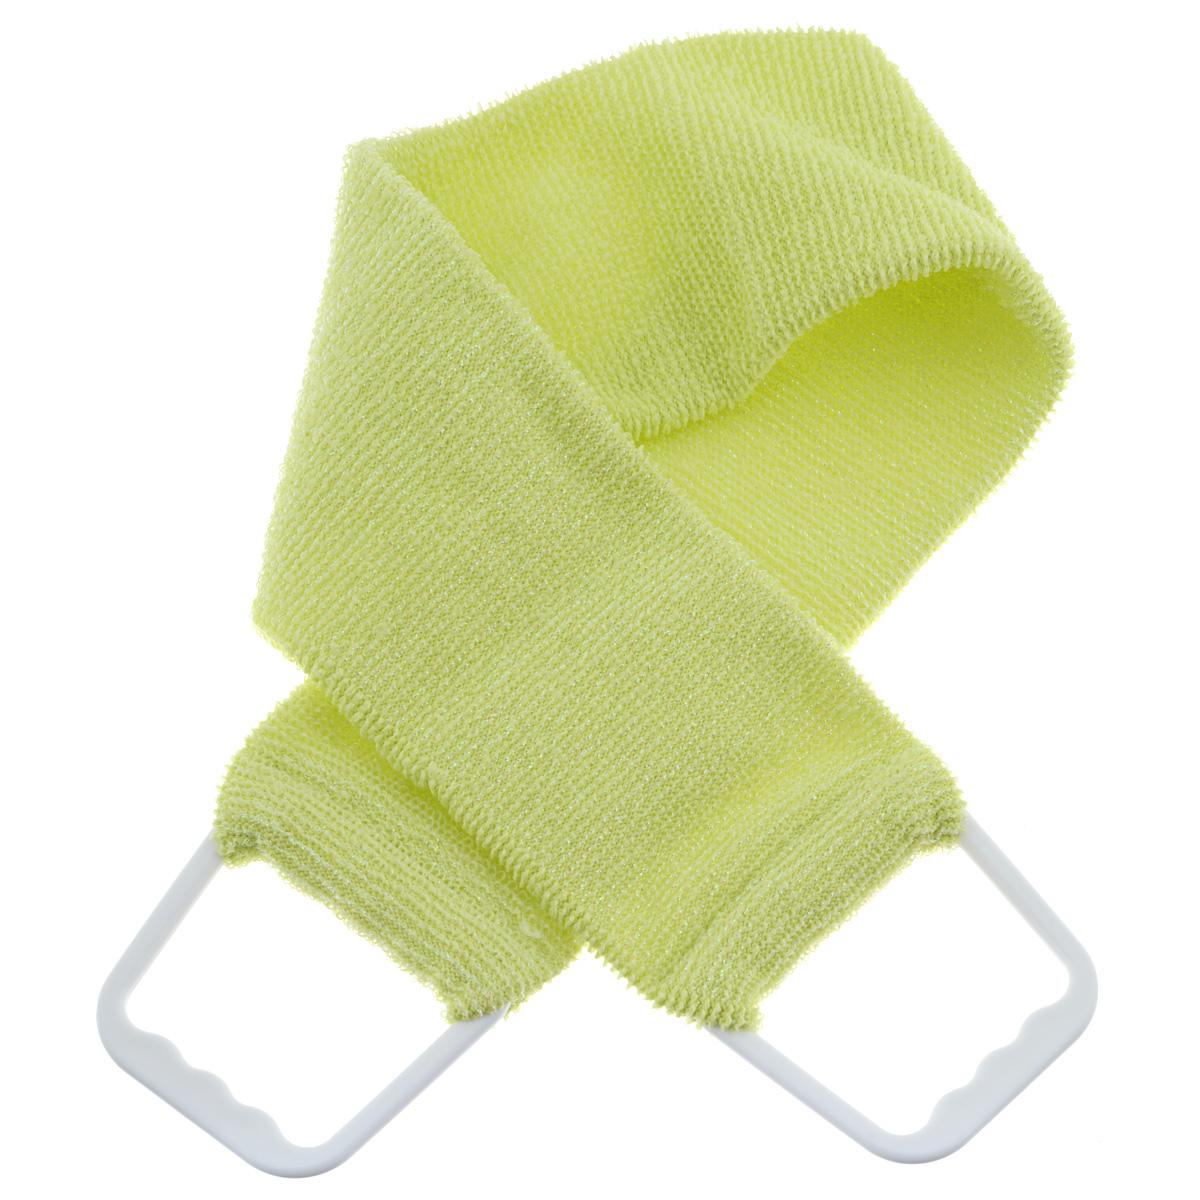 Мочалка 927, цвет: желтый927 желтыйДвухсторонняя мочалка-пояс Riffi применяется для мытья тела, отлично действует как пилинговое средство, тонизируя, массируя и эффективно очищая вашу кожу. Мягкой стороной хорошо намыливать тело и наносить косметические средства после душа. Жесткую (с люрексом) сторону пояса используют для легкого пилинга и массажа кожи. Для удобства применения пояс снабжен двумя пластиковыми ручками. Благодаря отшелушивающему эффекту мочалки-пояса, кожа освобождается от отмерших клеток, становится гладкой, упругой и свежей. Интенсивный и пощипывающе свежий массаж тела с применением Riffi стимулирует кровообращение, активирует кровоснабжение, способствует обмену веществ, что в свою очередь позволяет себя чувствовать бодрым и отдохнувшим после принятия душа или ванны. Riffi регенерирует кожу, делает ее приятно нежной, мягкой и лучше готовой к принятию косметических средств. Приносит приятное расслабление всему организму. Борется со спазмами и болями в мышцах, предупреждает образование целлюлита и обеспечивает омолаживающий эффект. Гипоаллергенная.